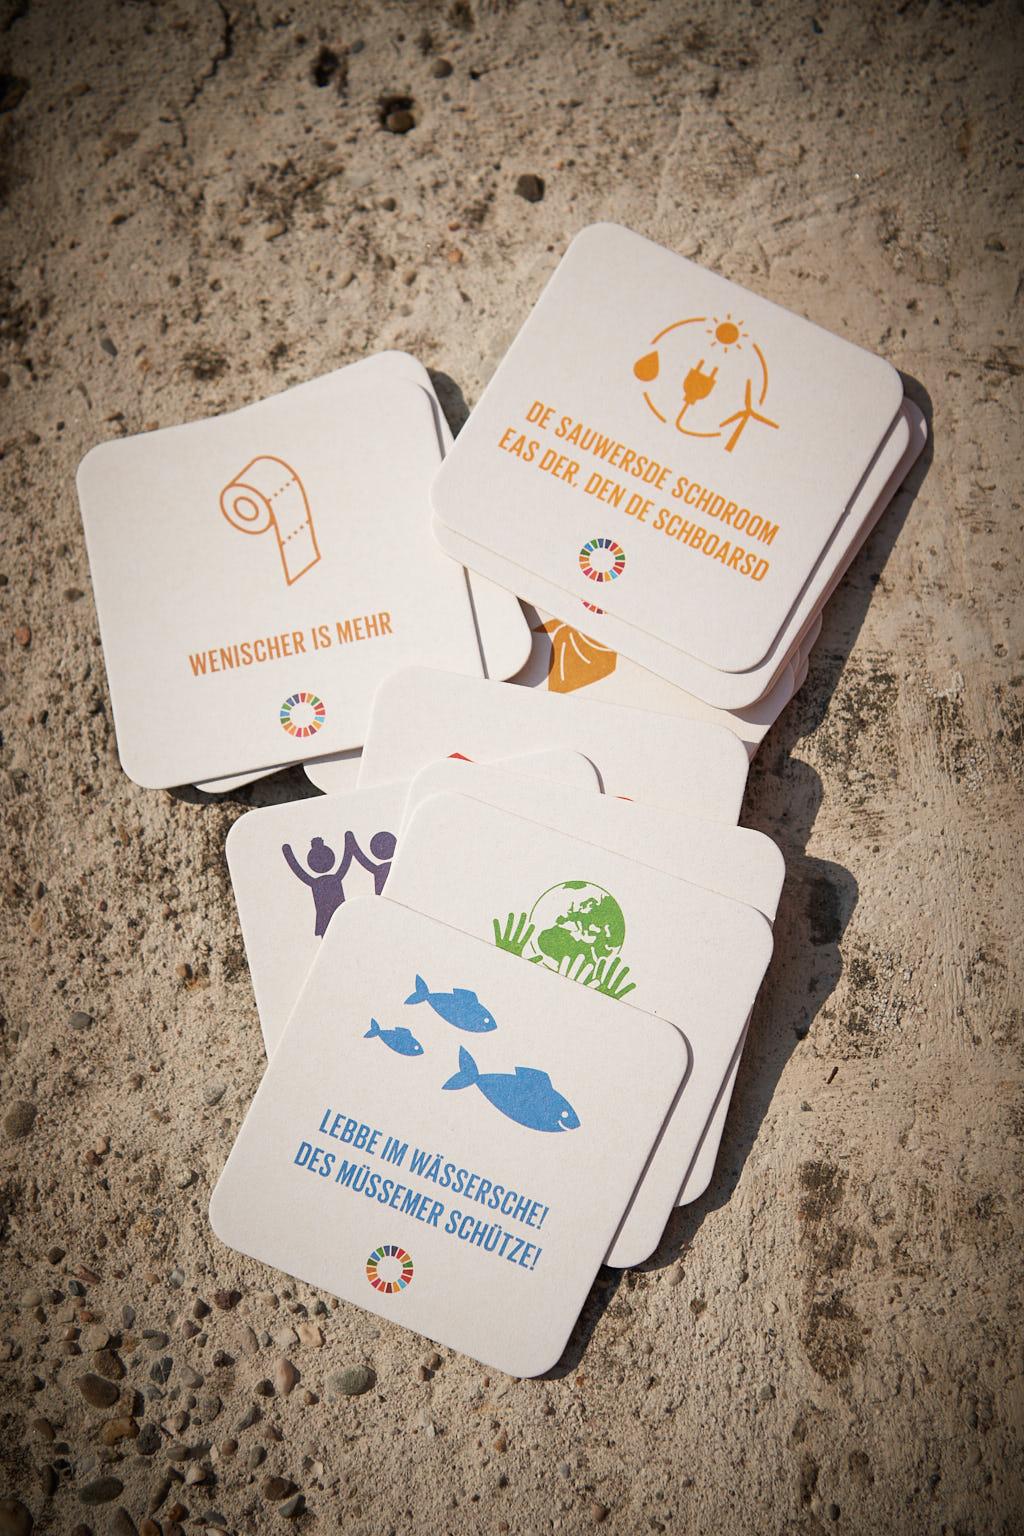 100 wea 2020 Workshop Nachhaltigkeit 20200911 nb789